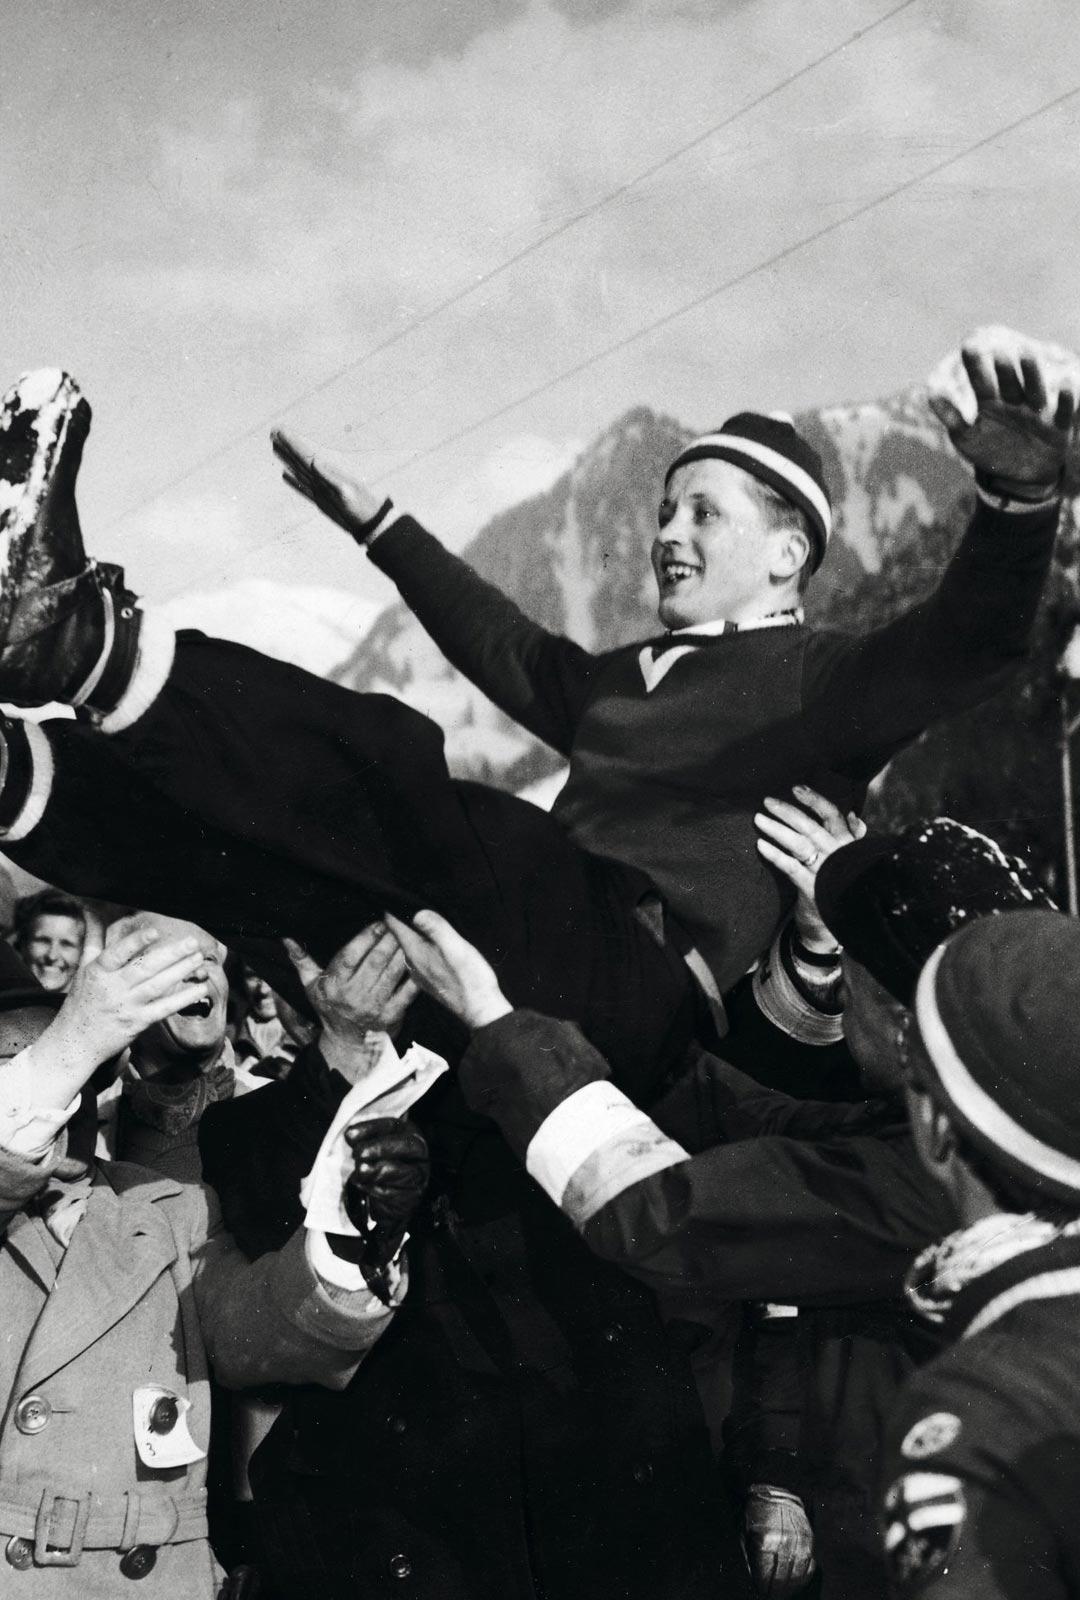 Suomen joukkueen muut jäsenet lennättivät Tauno Luiroa ilmaan ennätyshypyn kunniaksi.